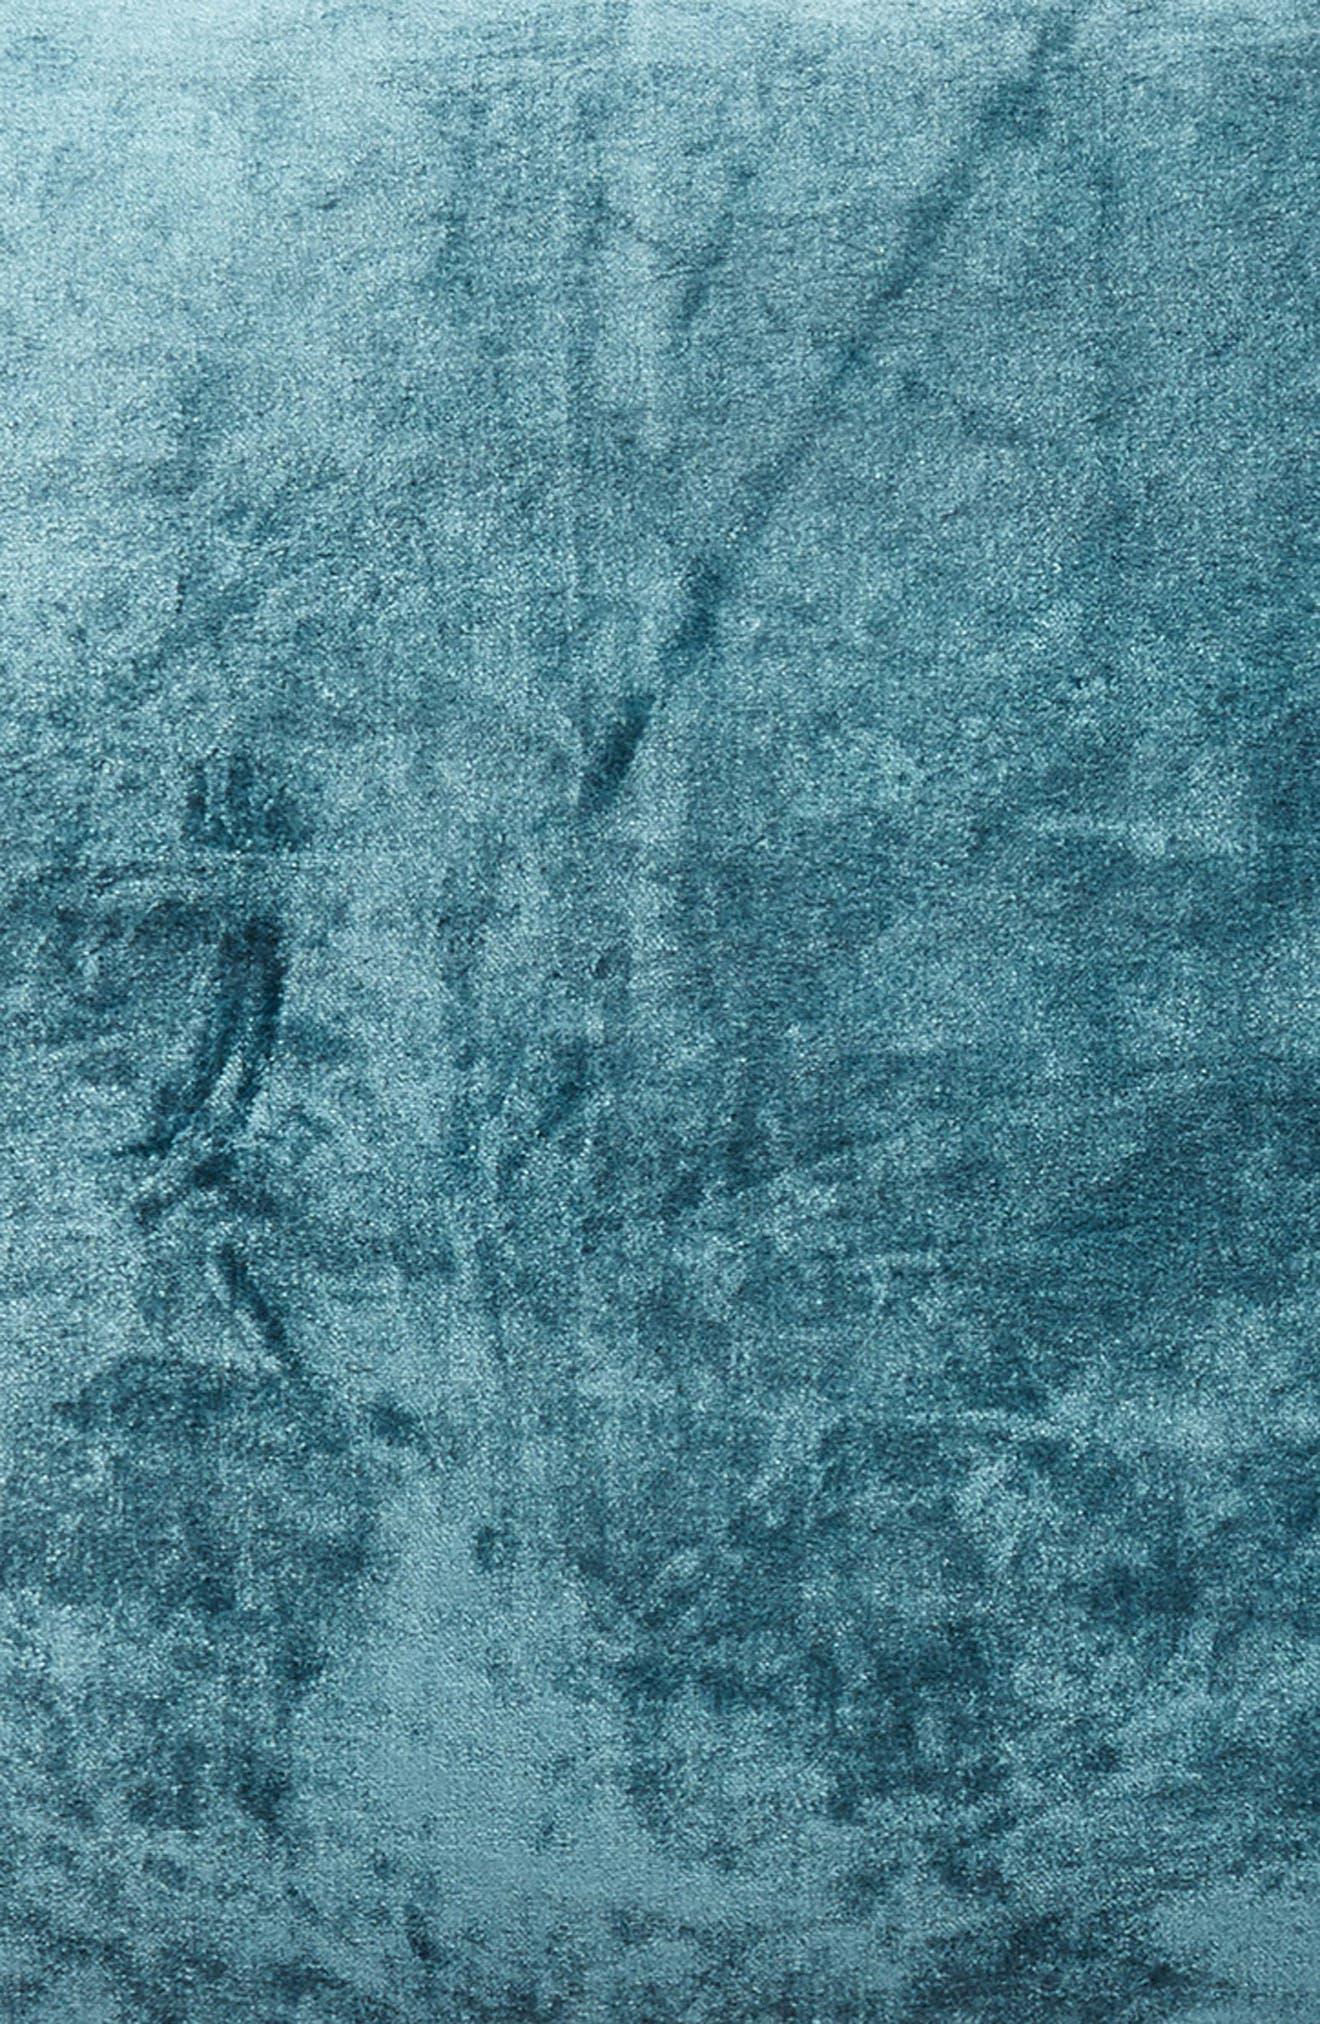 Shimmer Velvet Sham,                             Alternate thumbnail 2, color,                             Teal Gazer